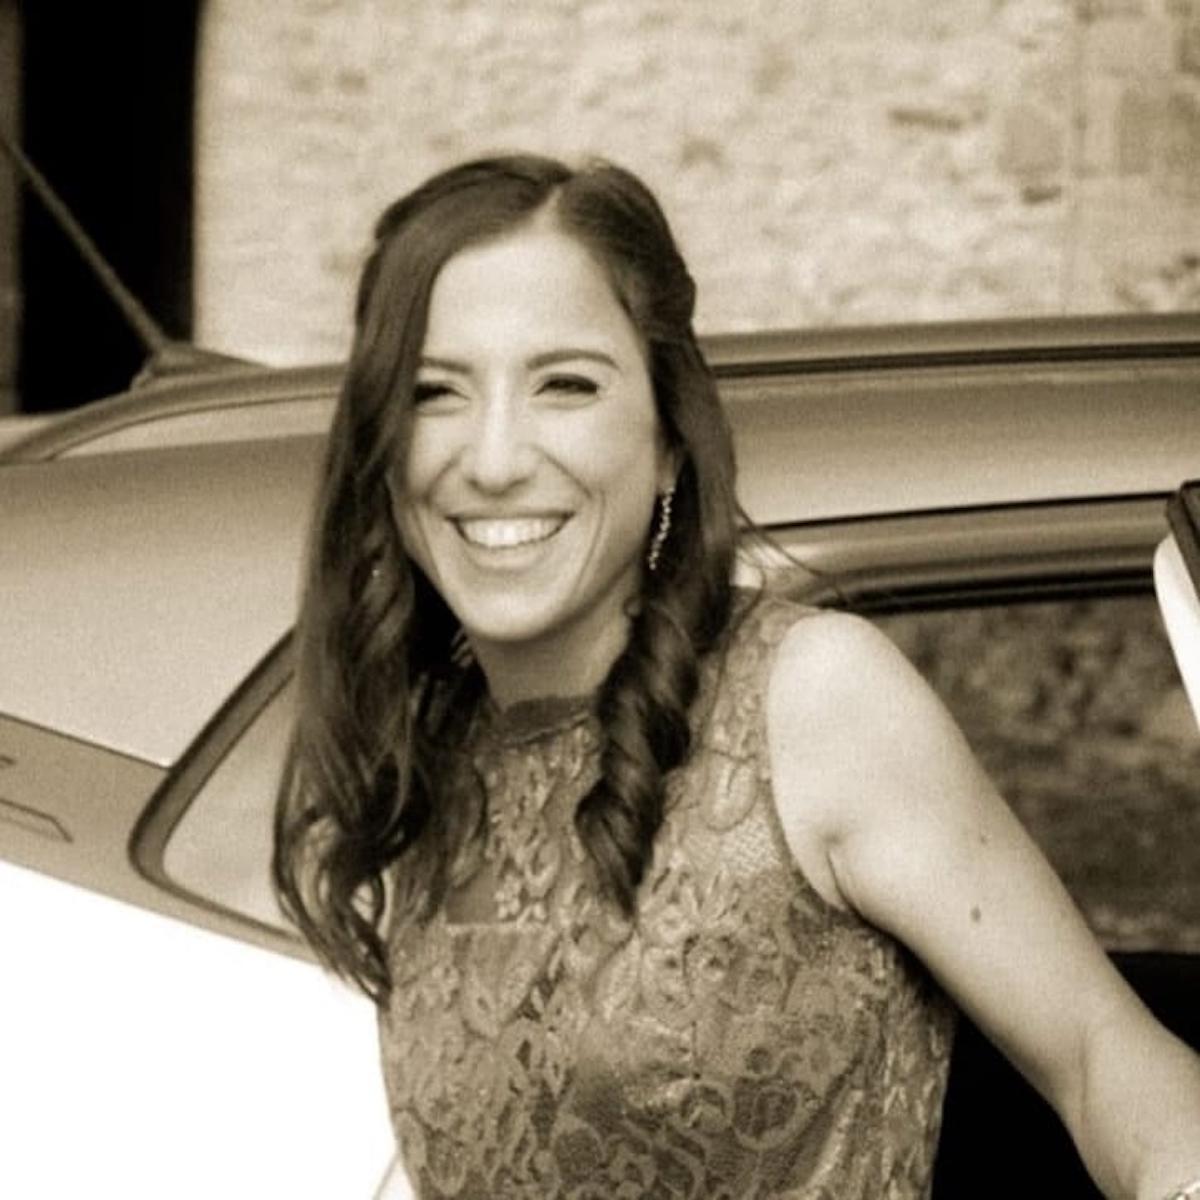 Intervista allo Psicologo Sessuologo Dott.ssa Roberta Calvi su Spreaker   Psicologia Sessuologia Rimini Riccione Cattolica Forli Cesena